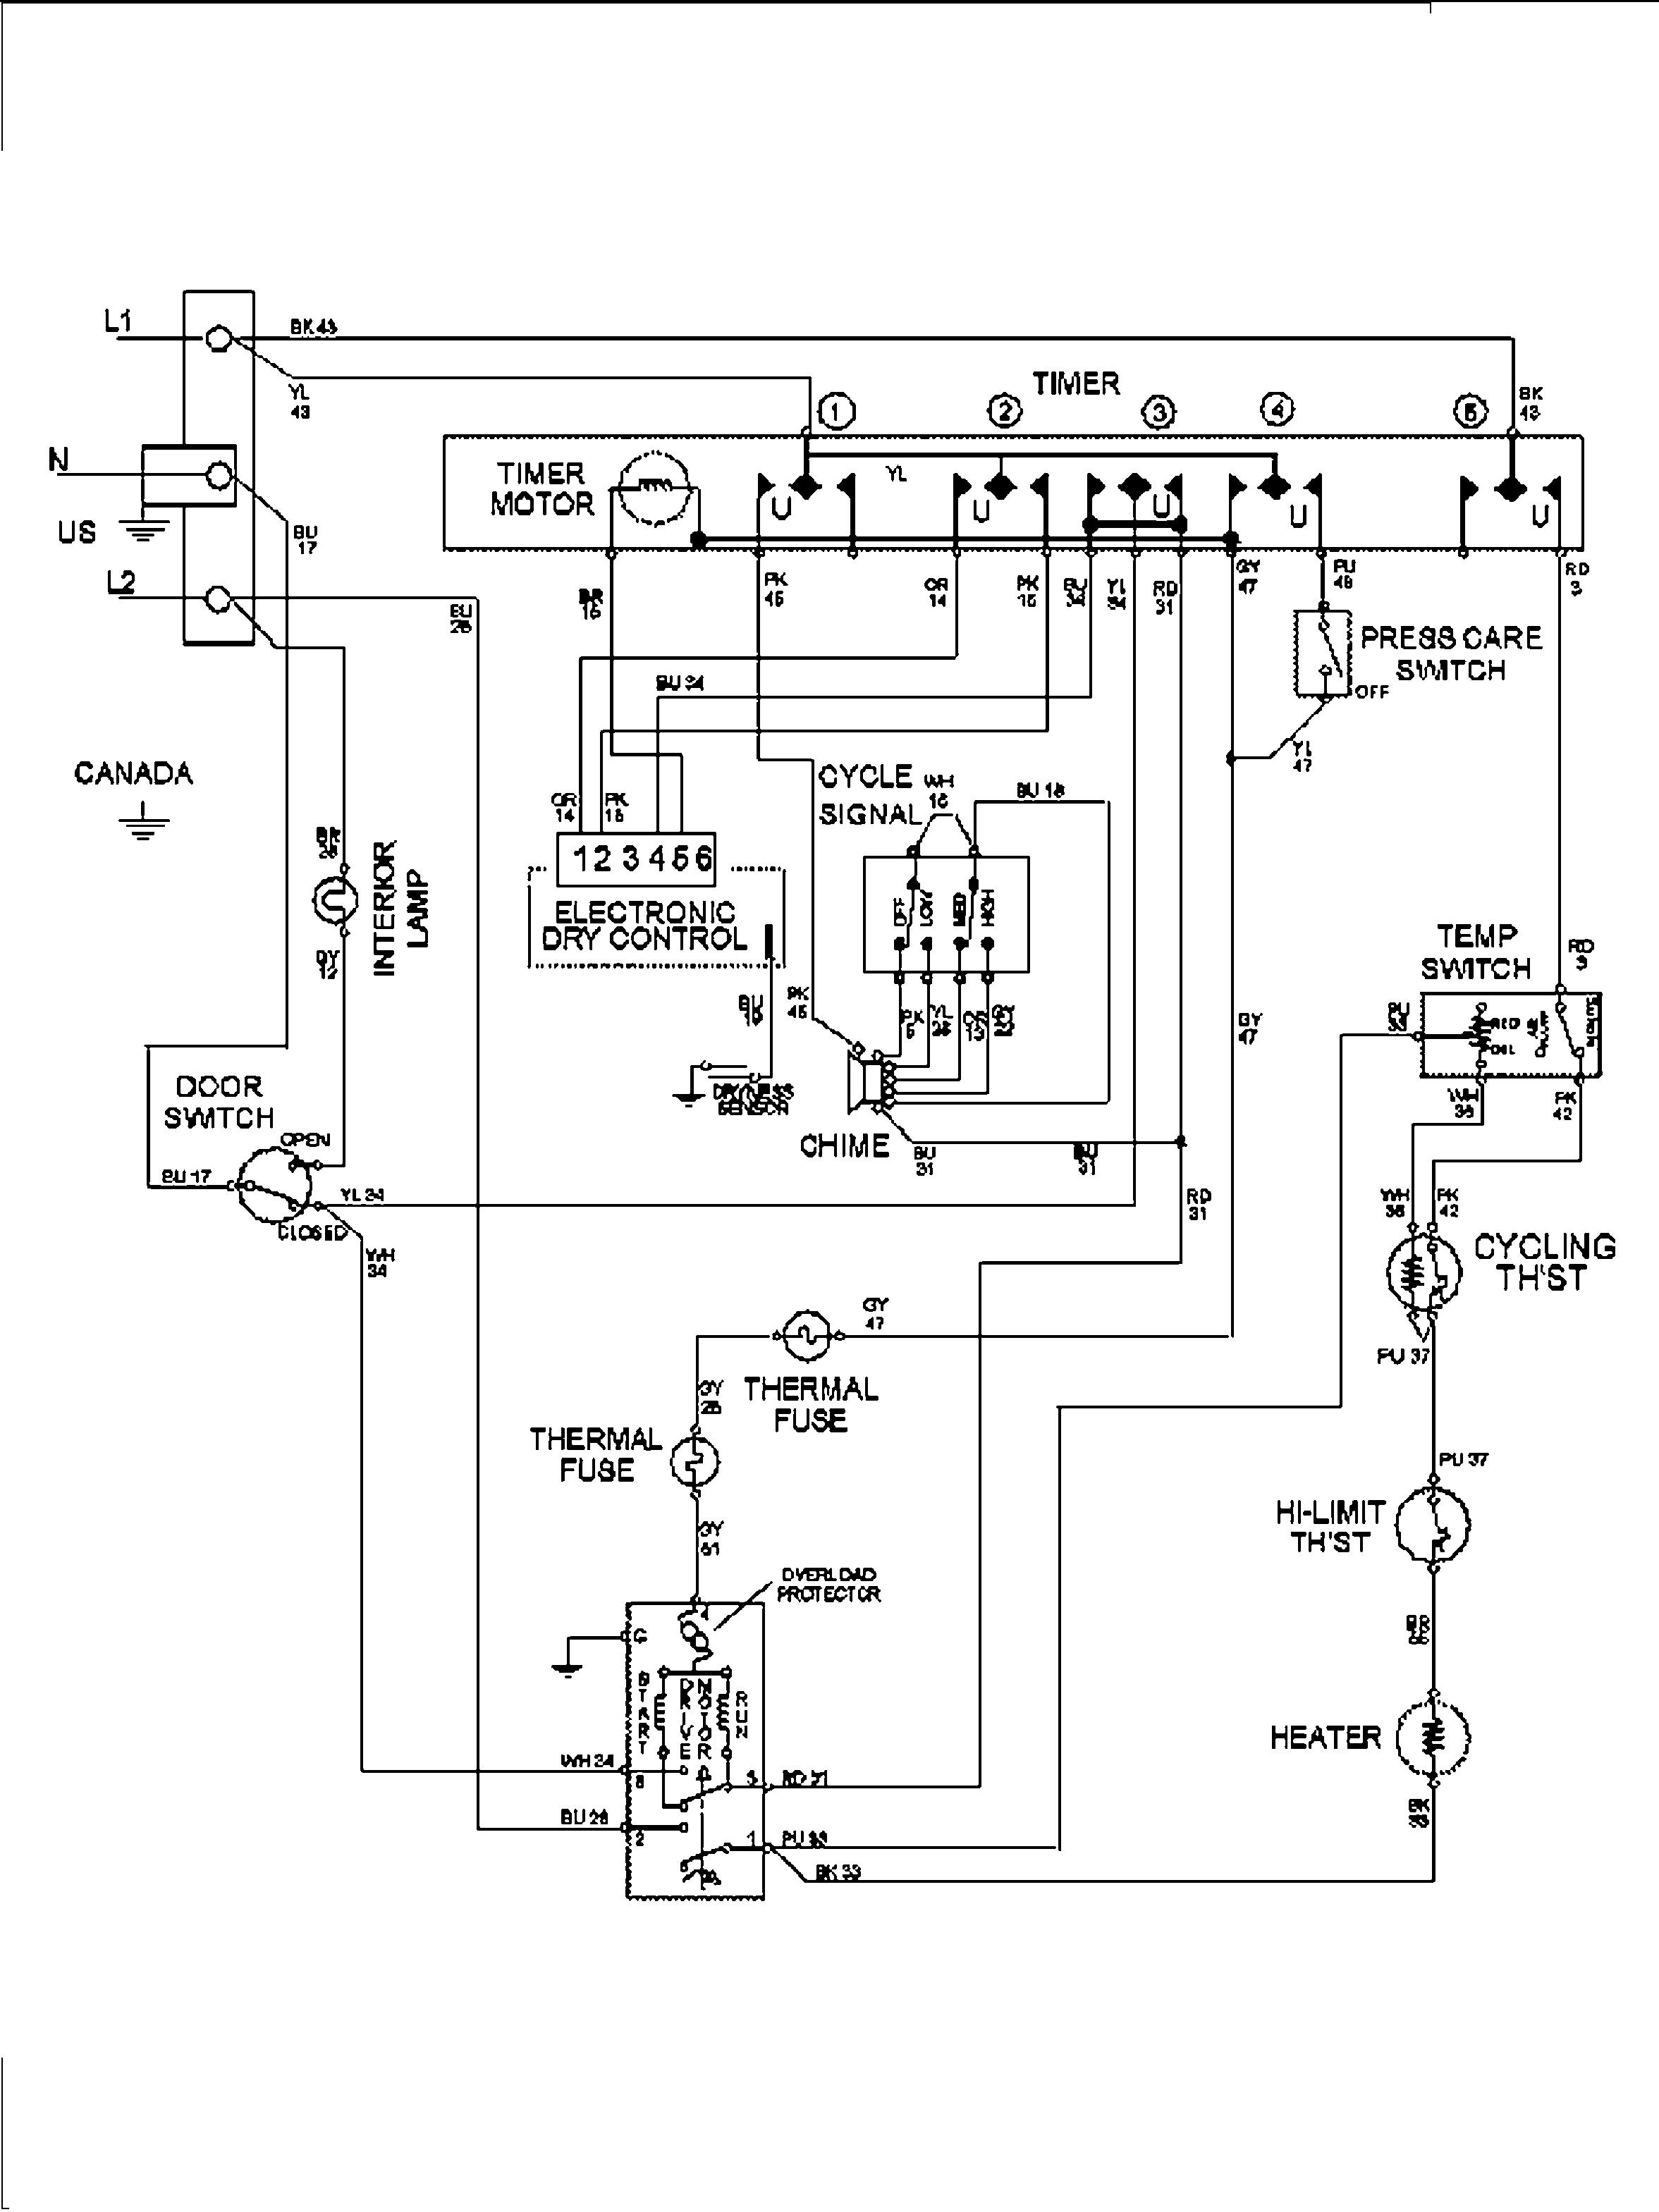 maytag dryer wiring diagram schema diagram database maytag dryer wiring schematic maytag dryer electrical schematic [ 2353 x 3138 Pixel ]